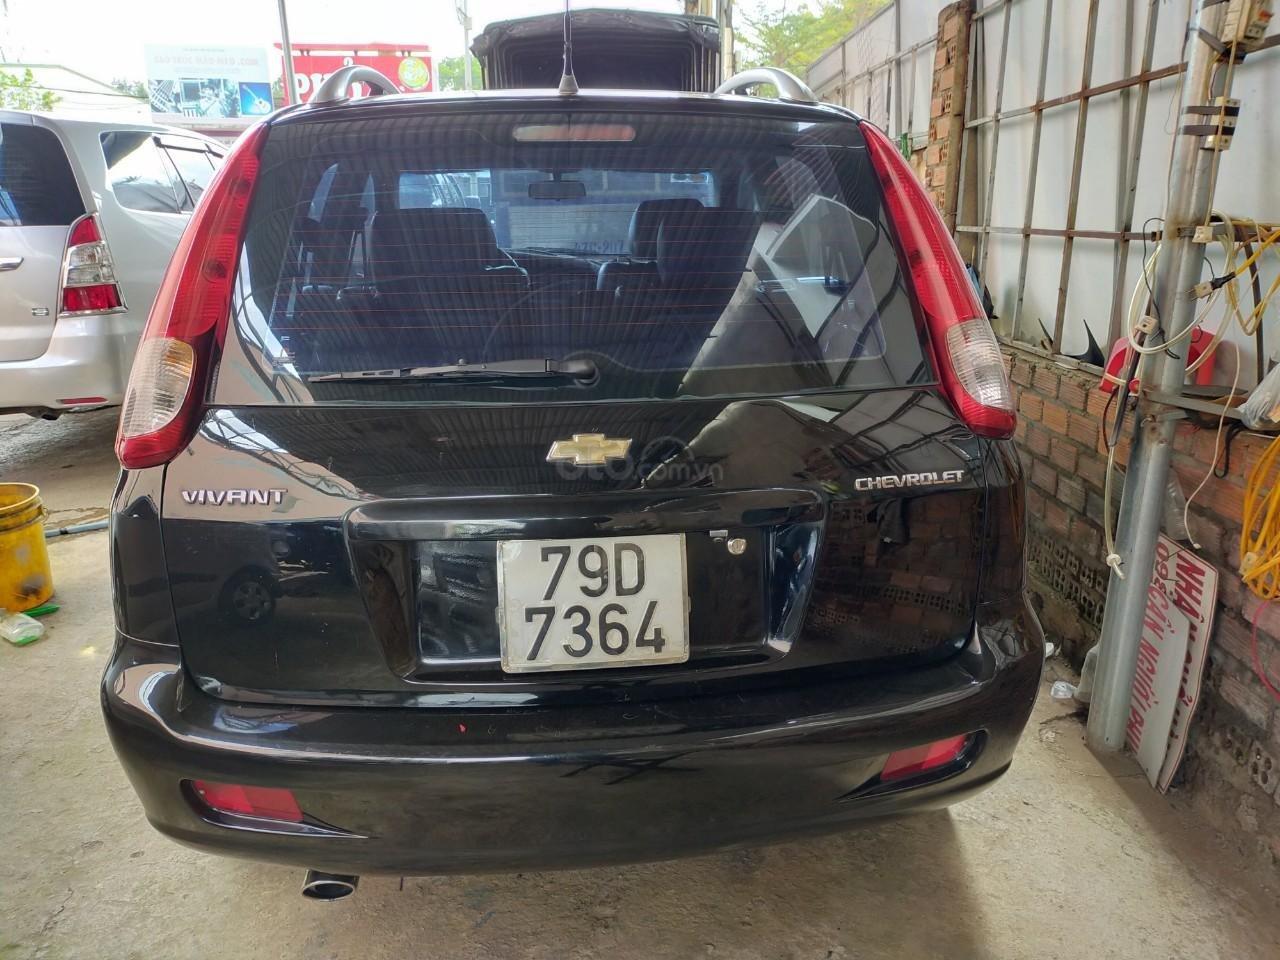 Bán Chevrolet Vivant năm sản xuất 2008 (4)